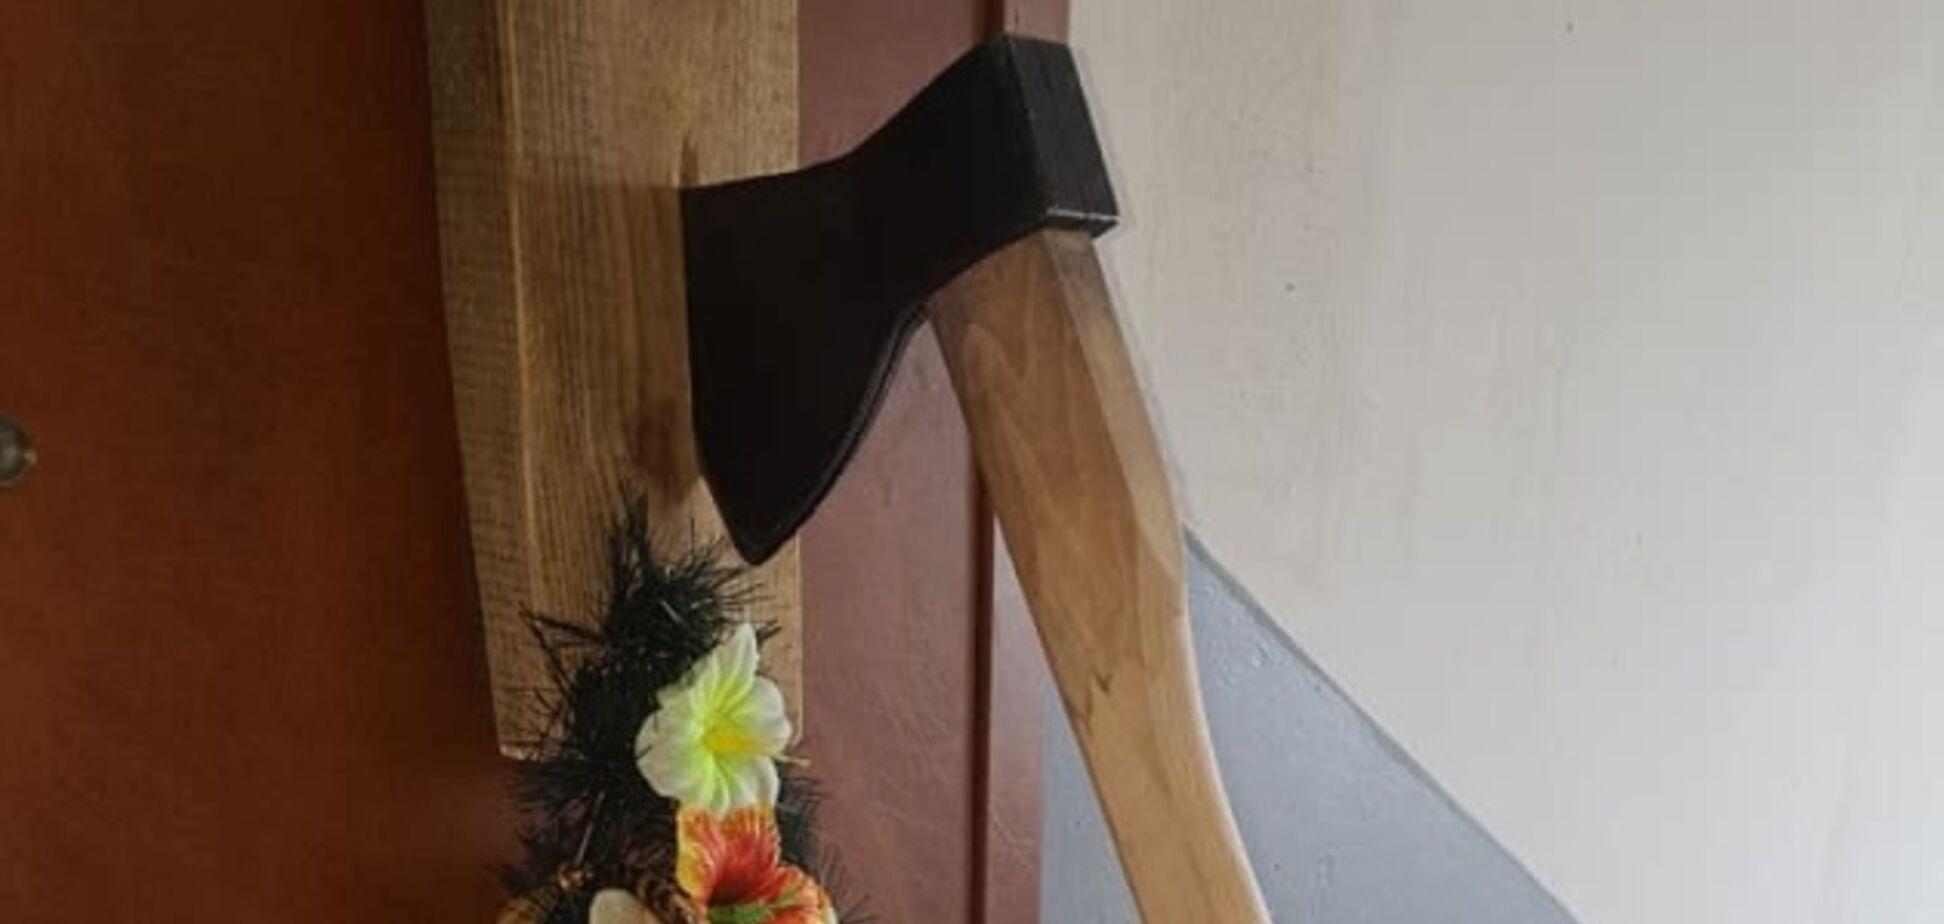 Труна з хрестом і сокира в дверях: відомому активісту пригрозили вбивством. Фото